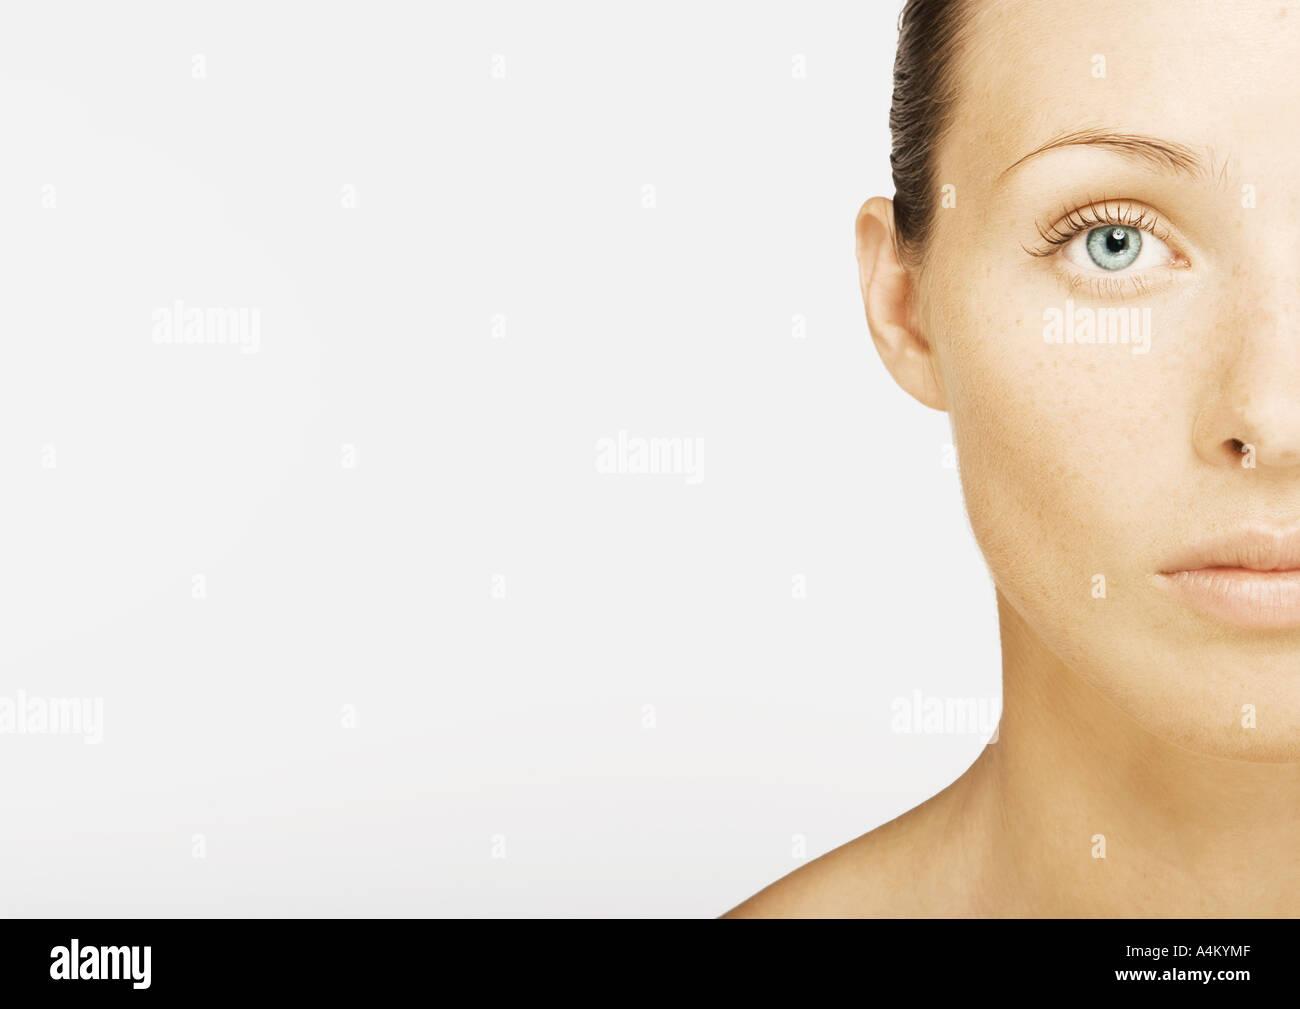 Woman's face, partial view, portrait - Stock Image